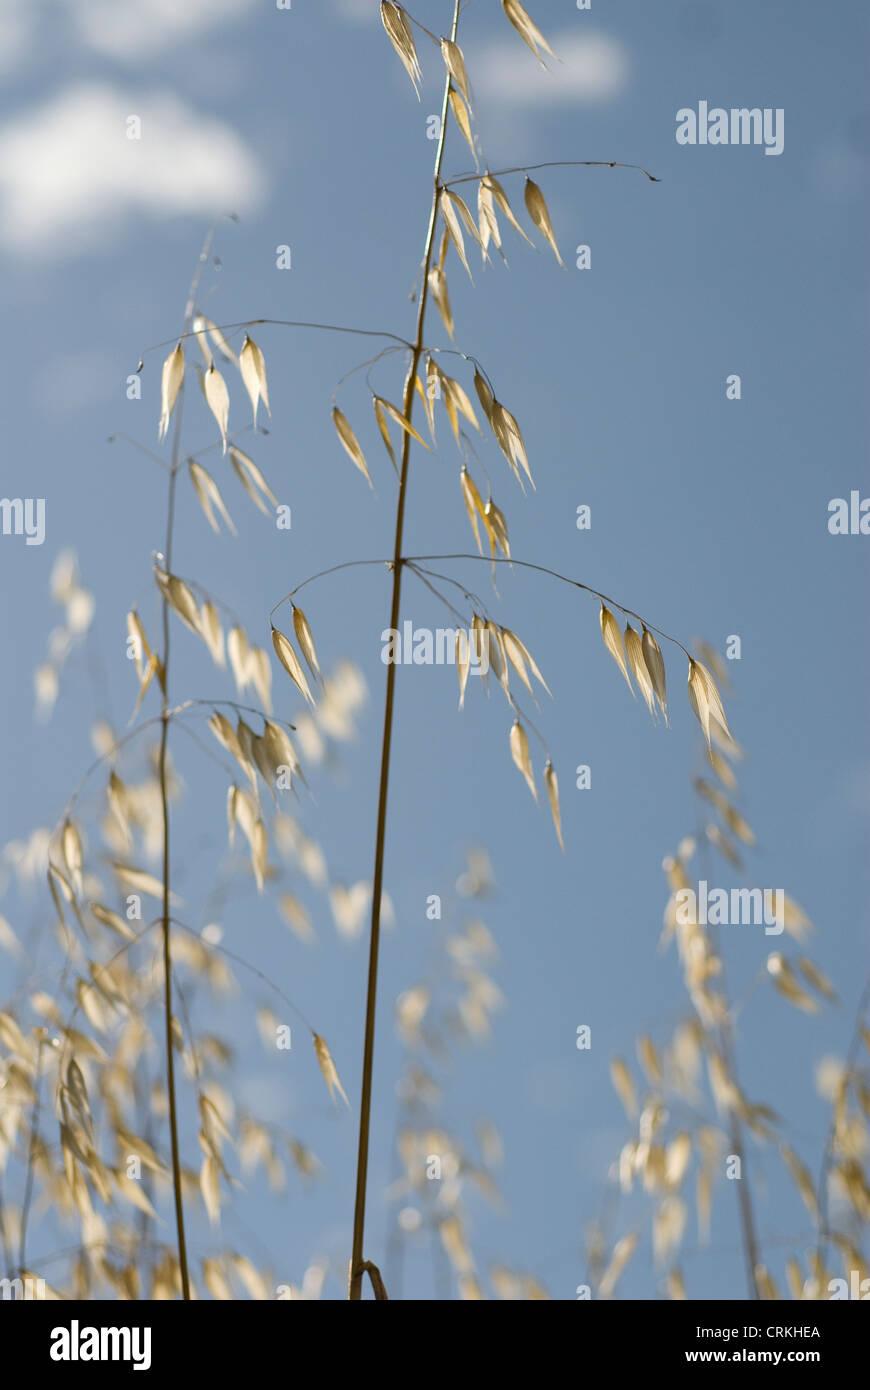 Avena fatua, Oats, Wild oats Stock Photo